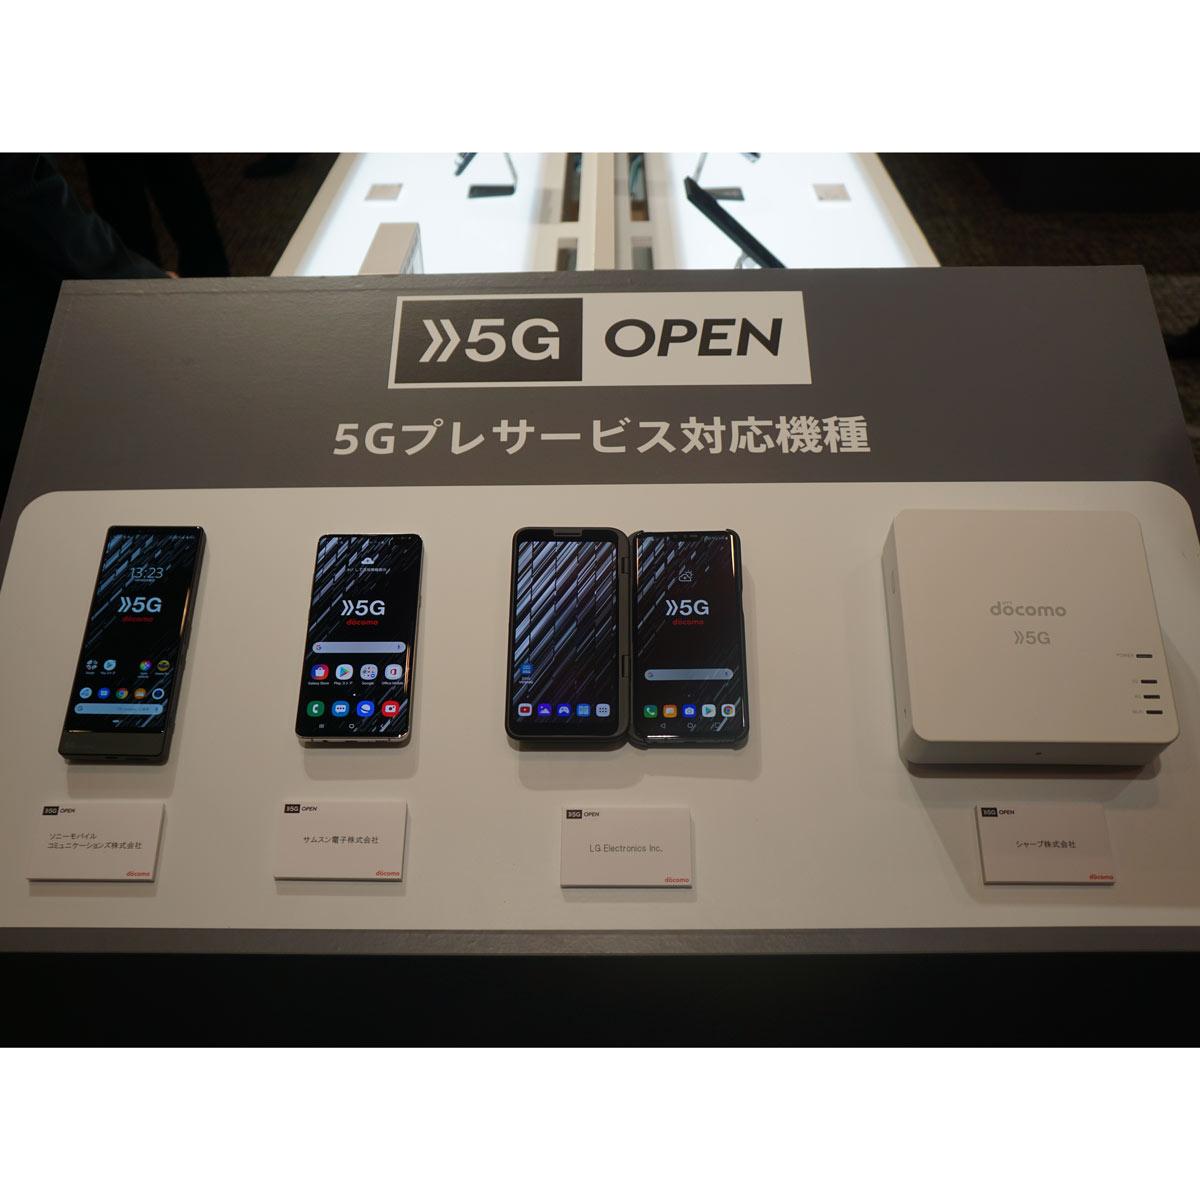 9月20日開始、NTTドコモ「5Gプレサービス」の気になる中身とは?